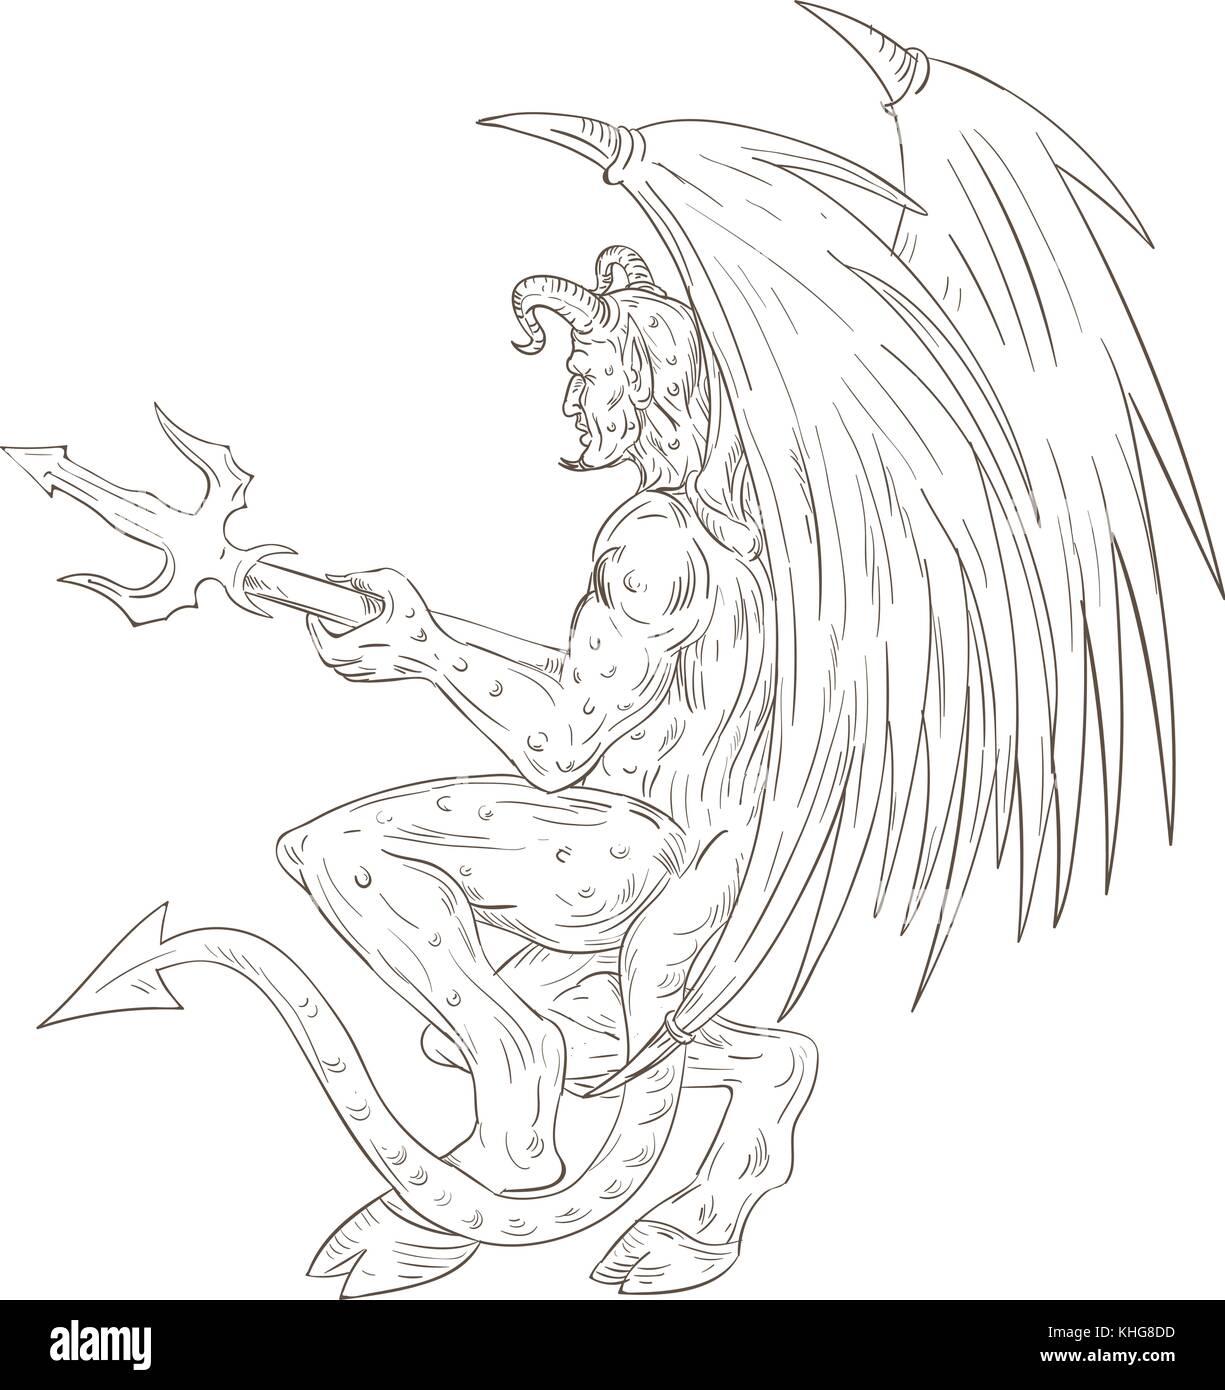 Croquis dessin illustration de style d 39 un d mon satan d mon ou monstre cornu avec des ailes de - Dessin de demon ...